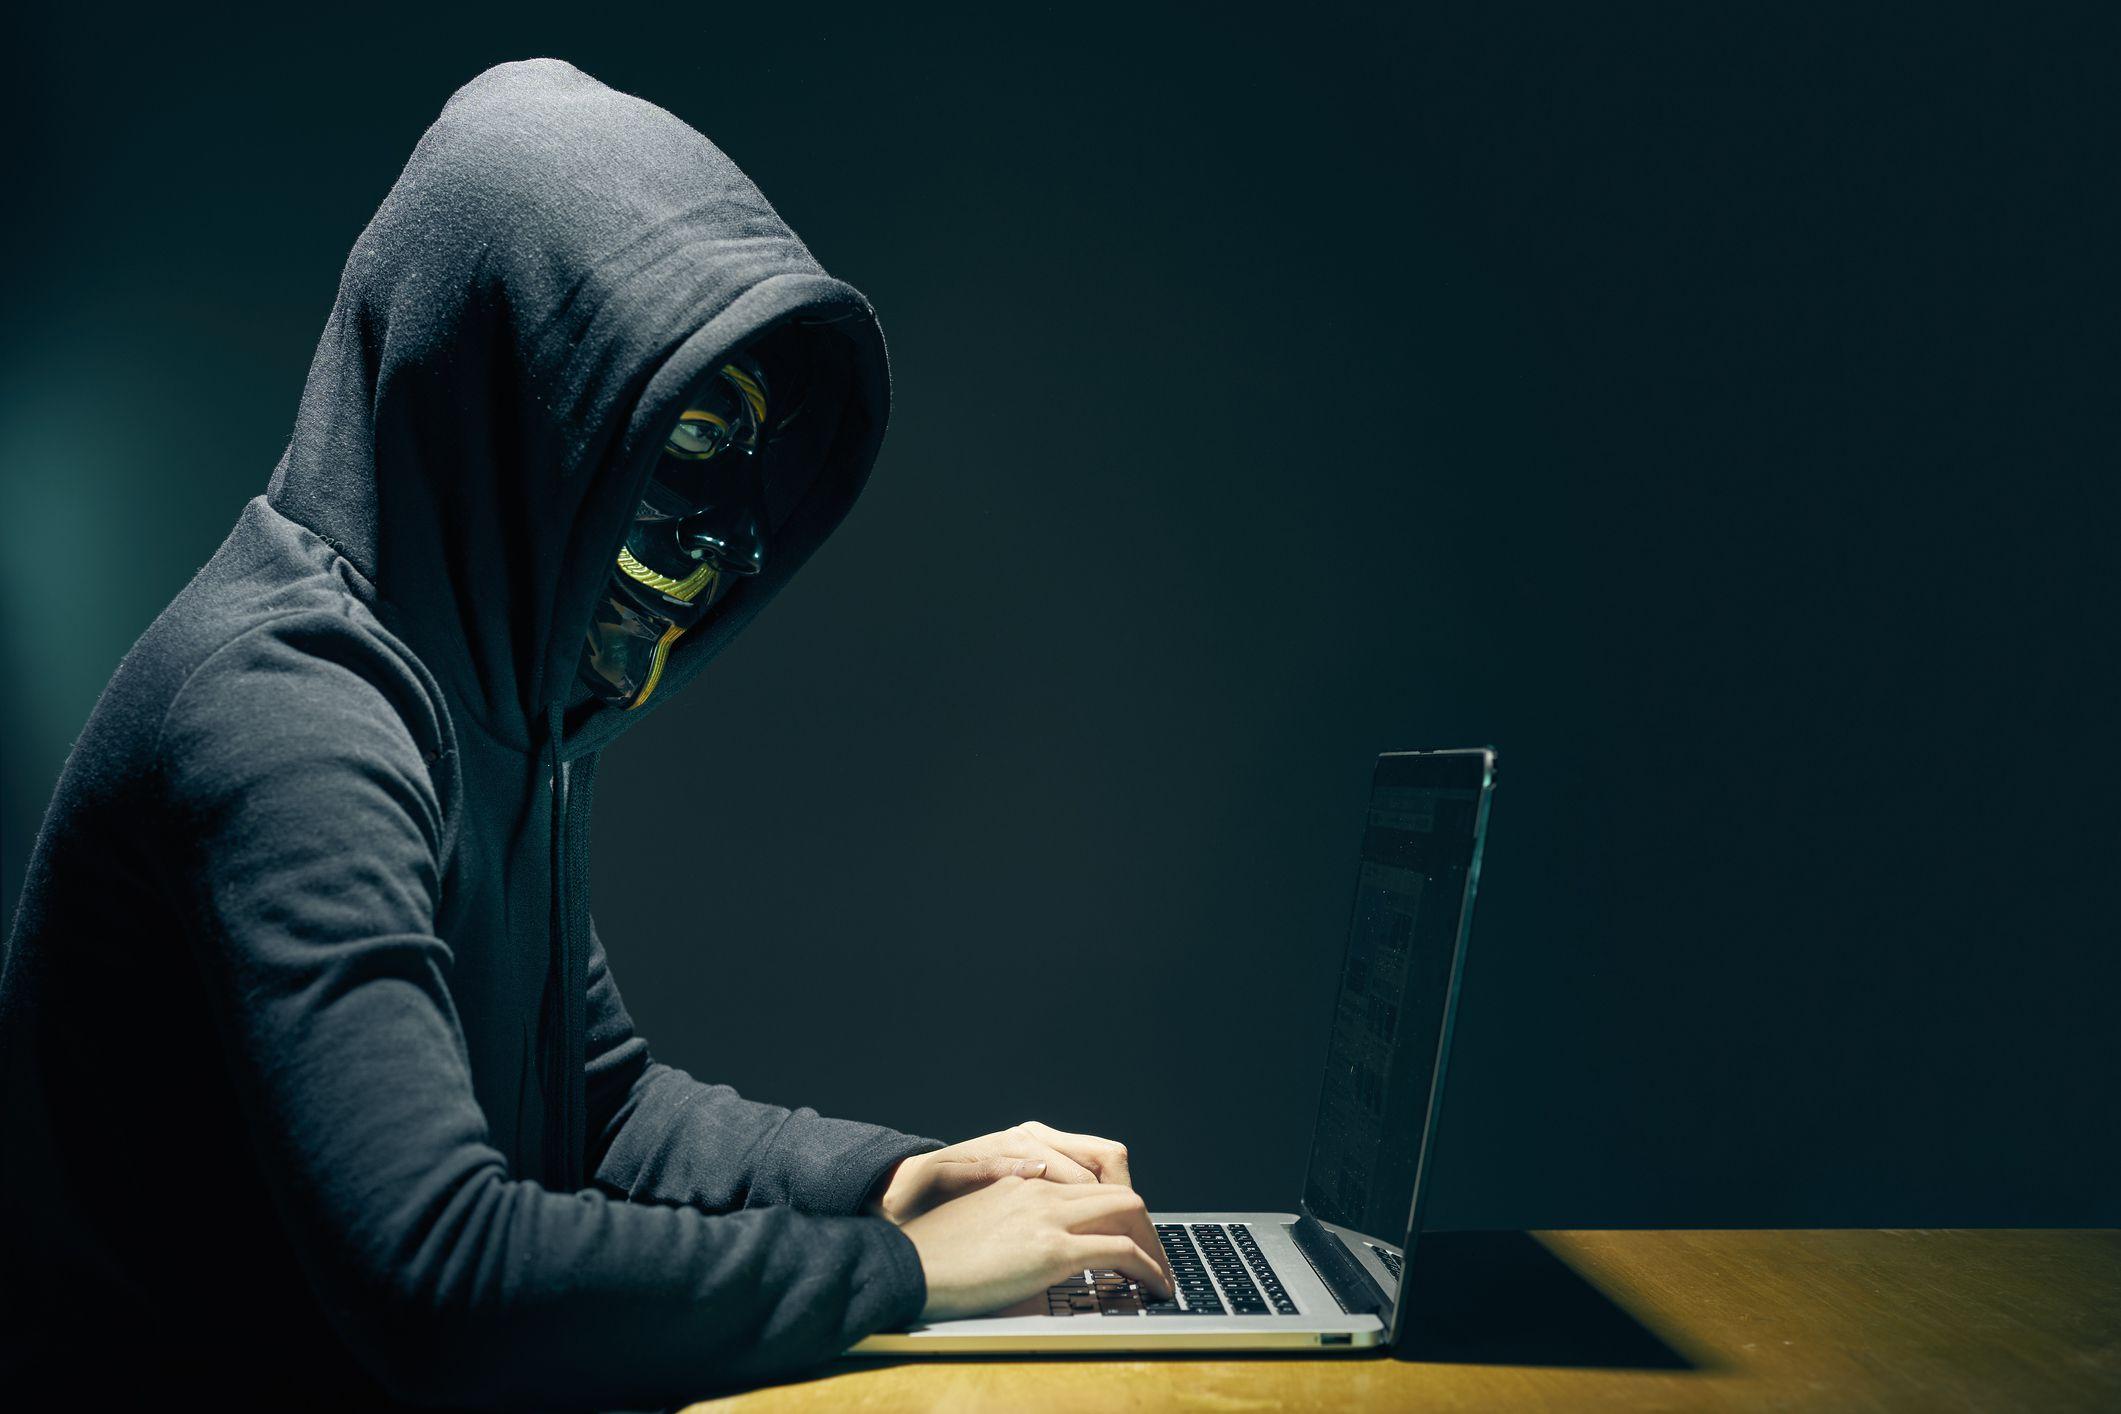 За несоблюдение закона о защите данных будут штрафовать